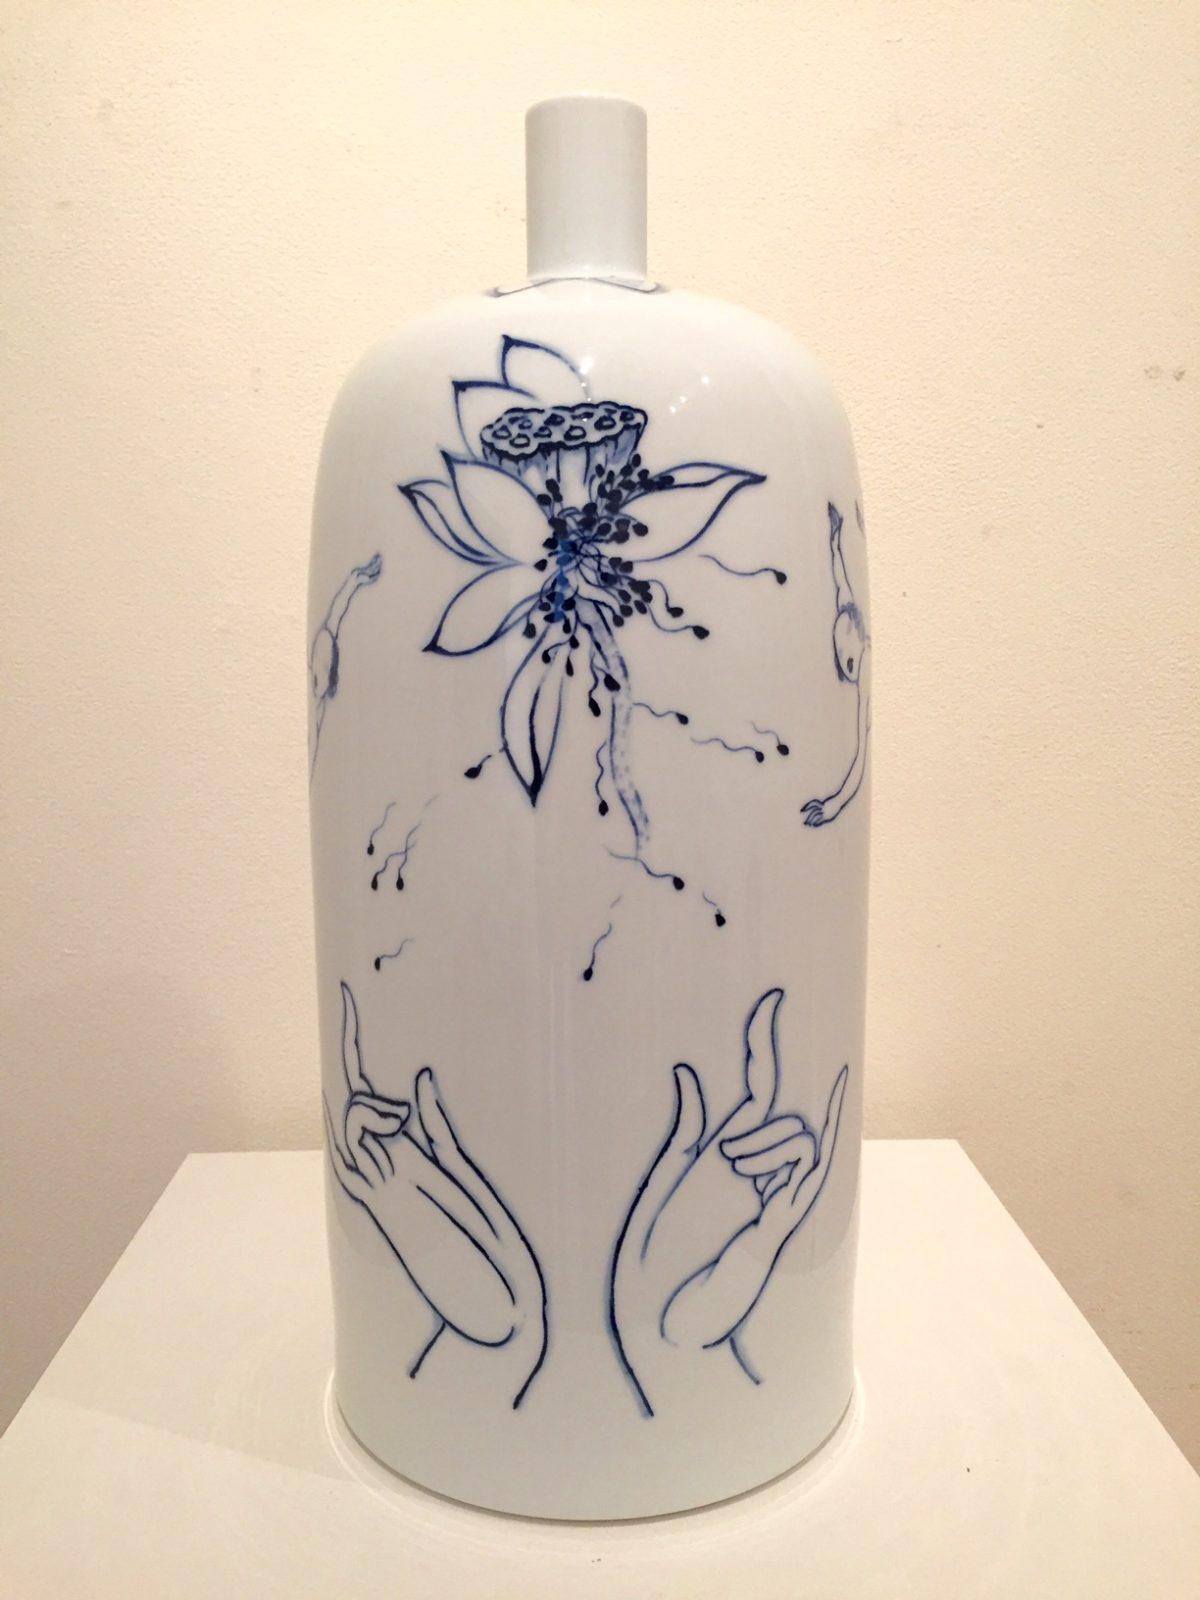 xifa-yang-lotus-45-x-20-diameter-cm-porcelain-2000